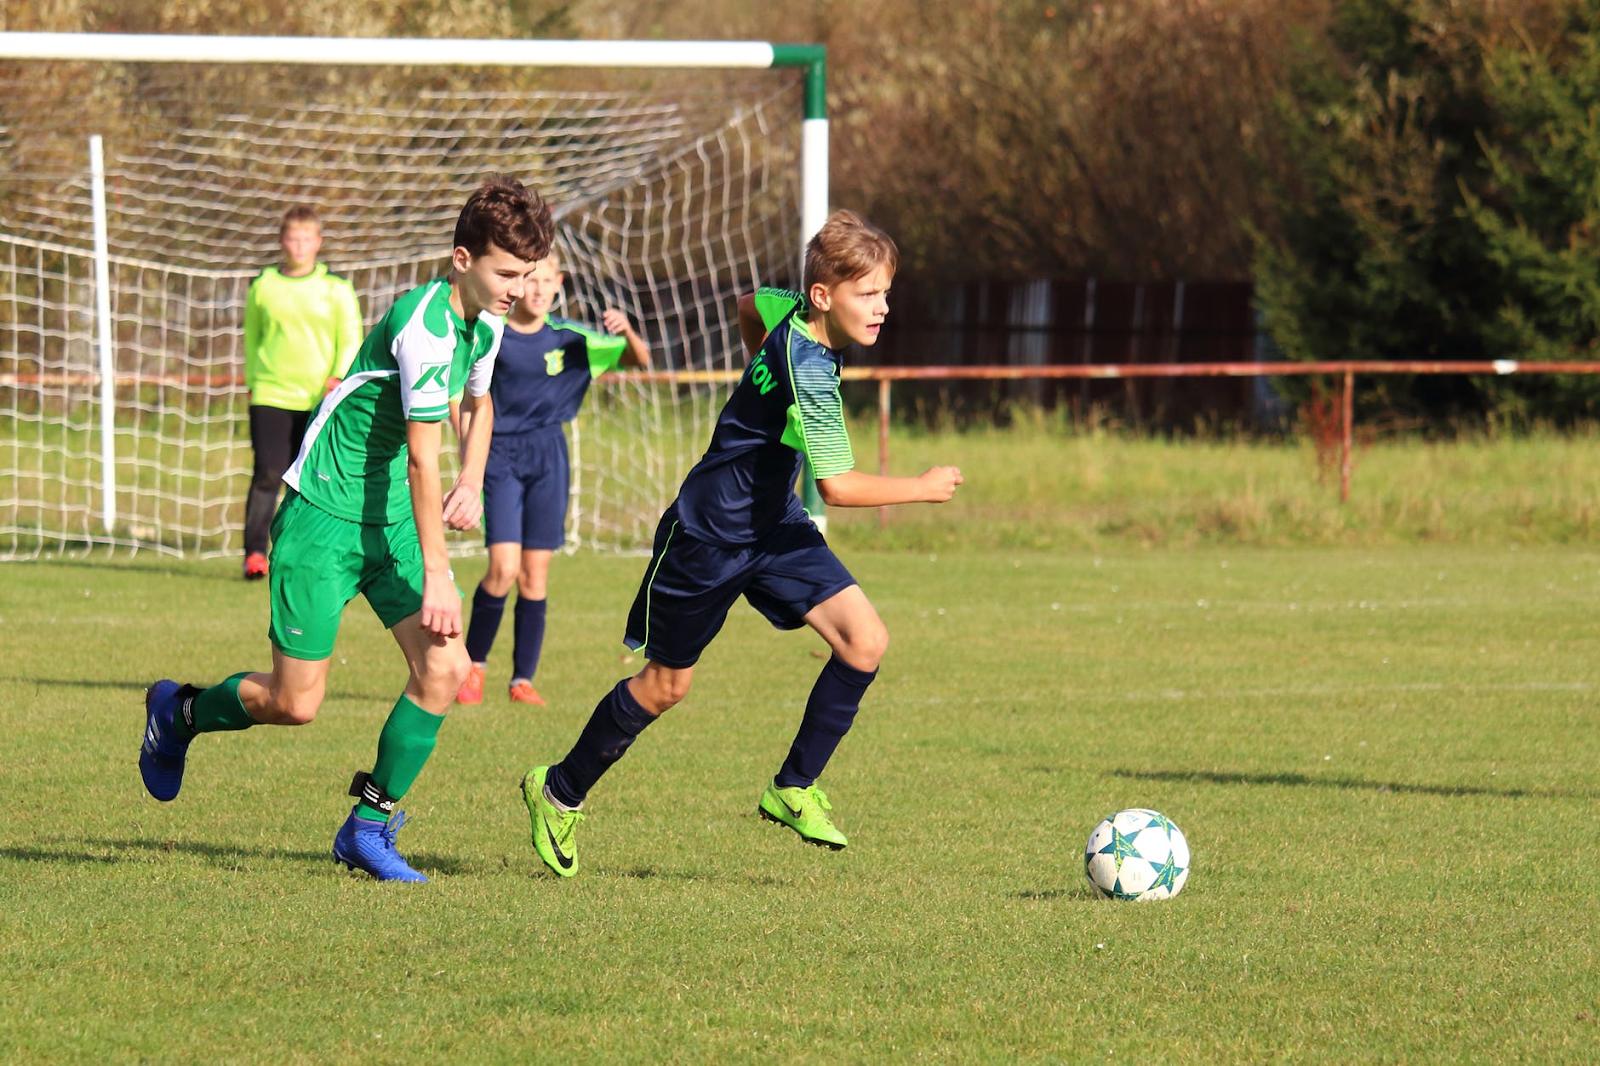 Як вибрати футбольну форму для підлітка